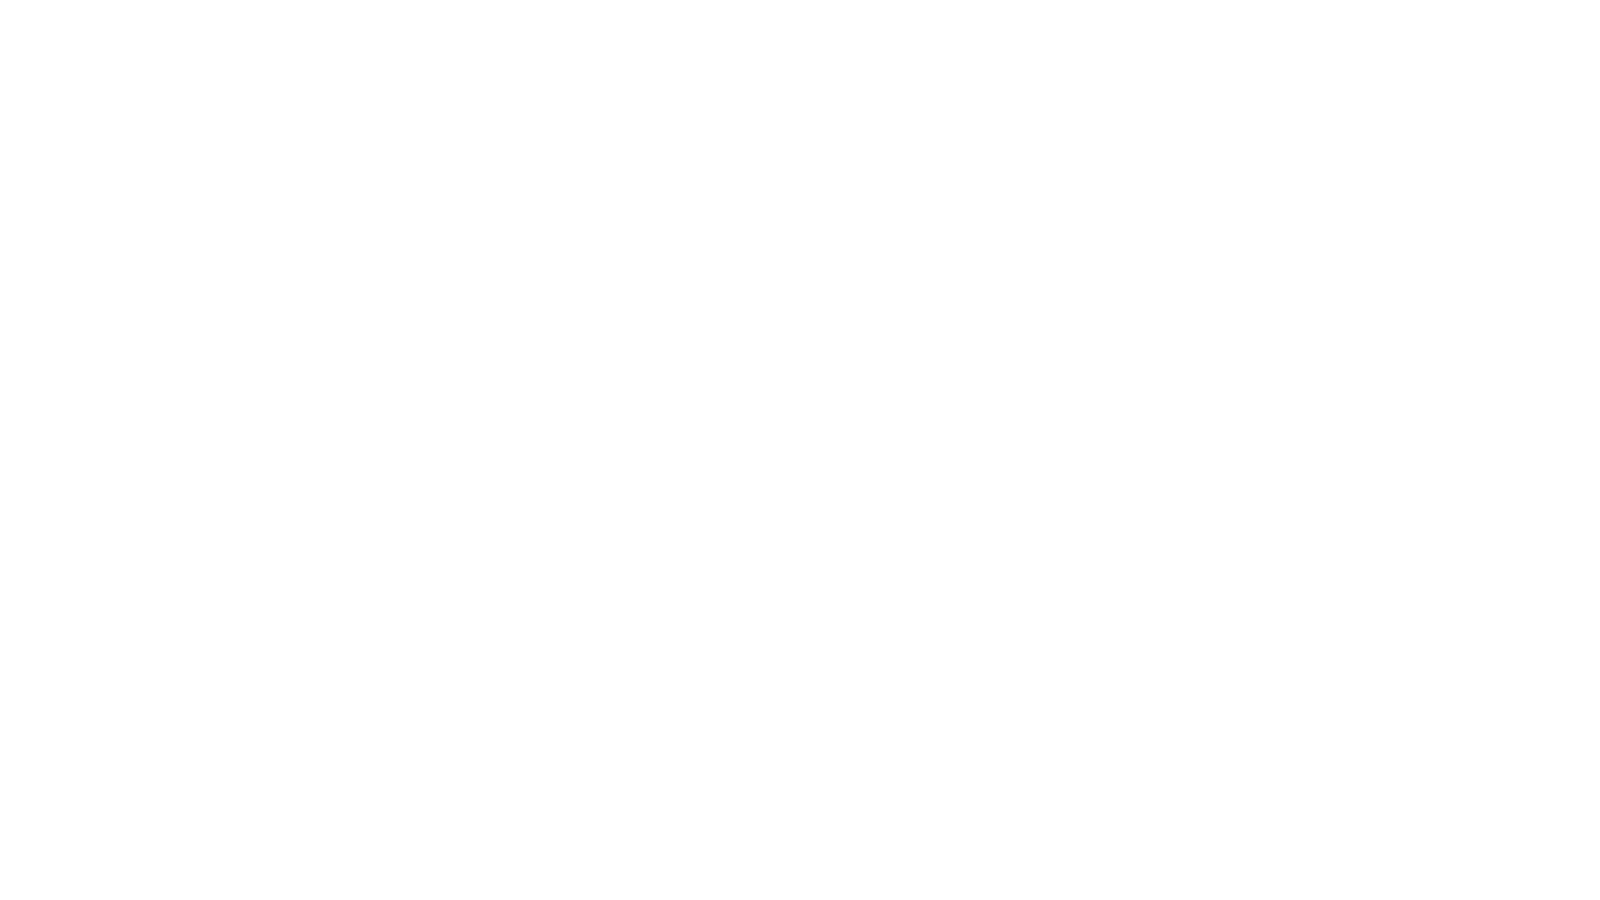 Jeder Hersteller für Fahrradträger hat technische Merkmale, die seine Produkte auszeichnen. Heute stellen wir den Hersteller Uebler ausführlich vor.  Im Video seht ihr: - die iQ-Kupplungstechnik - Falttechnik (der i-Serie) - Klemmarme mit Einhand-Bedienung - Radschuhe mit Ratschenbändern - Nachtsichtbarkeit bei ISI-Beleuchtung Den Fahrradträger auf Amazon ansehen * (Affiliatelinks): Uebler i21 - 90° abklappbar: https://www.amazon.de/dp/B075R6J9GW?tag=ahk02-21&linkCode=ogi&th=1&psc=1 Bericht zum Hersteller Uebler: https://mein-fahrradtraeger.de/uebler-fahrradtraeger-test/ Webseite: https://mein-fahrradträger.de Facebook: https://www.facebook.com/MeinFahrradtraeger/ (c) kimmerle-projects.net Inh. Marcel Kimmerle - Alle Rechte vorbehalten. Musik: Gemafreie Musik von www.frametraxx.de (Higher Hopes, Dancing in Detroit) Mit freundlicher Unterstützung von Autofachmarkt Meyer https://www.afm-meyer.de Impressum: https://mein-fahrradträger.de/impressum Folgende Themen werden in diesem Video behandelt: #Fahrradträgertest #Fahrradträger #UeblerTechnik #Uebleri21 #Uebler #MeinFahrradträger #FahrradträgerFürAHK *Die gekennzeichneten Links sind Affiliate-Links. Die Angebote stammen nicht von mir, allerdings erhalte ich durch den Verweis eine Provision, wenn dann ein Kauf stattfindet, jedoch, ohne dass Euch zusätzliche Kosten entstehen.